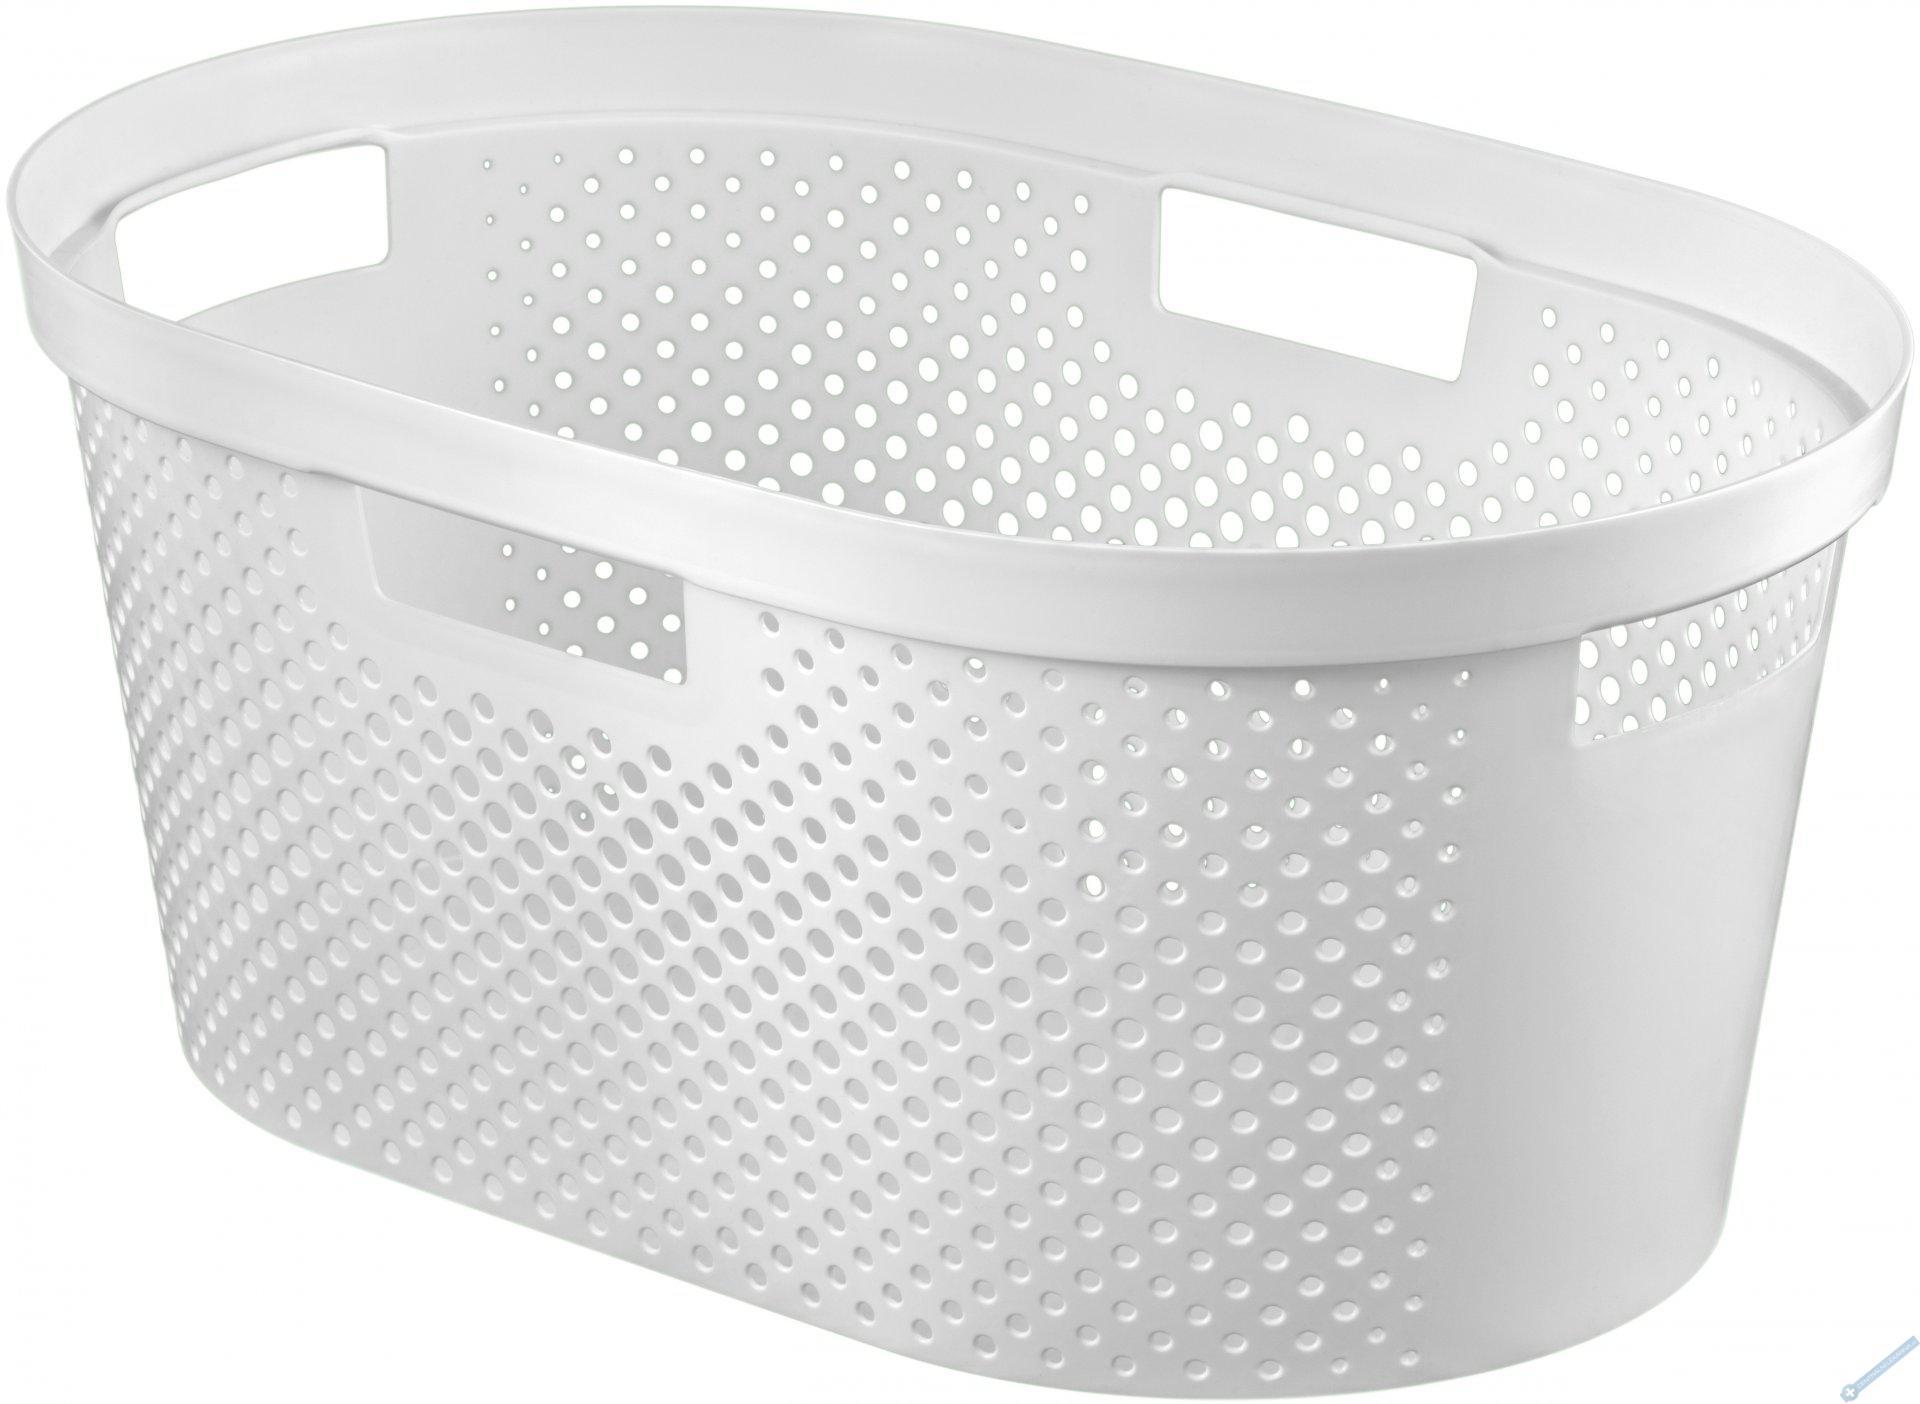 Koš na čisté prádlo INFINITY 39L bílý puntíky